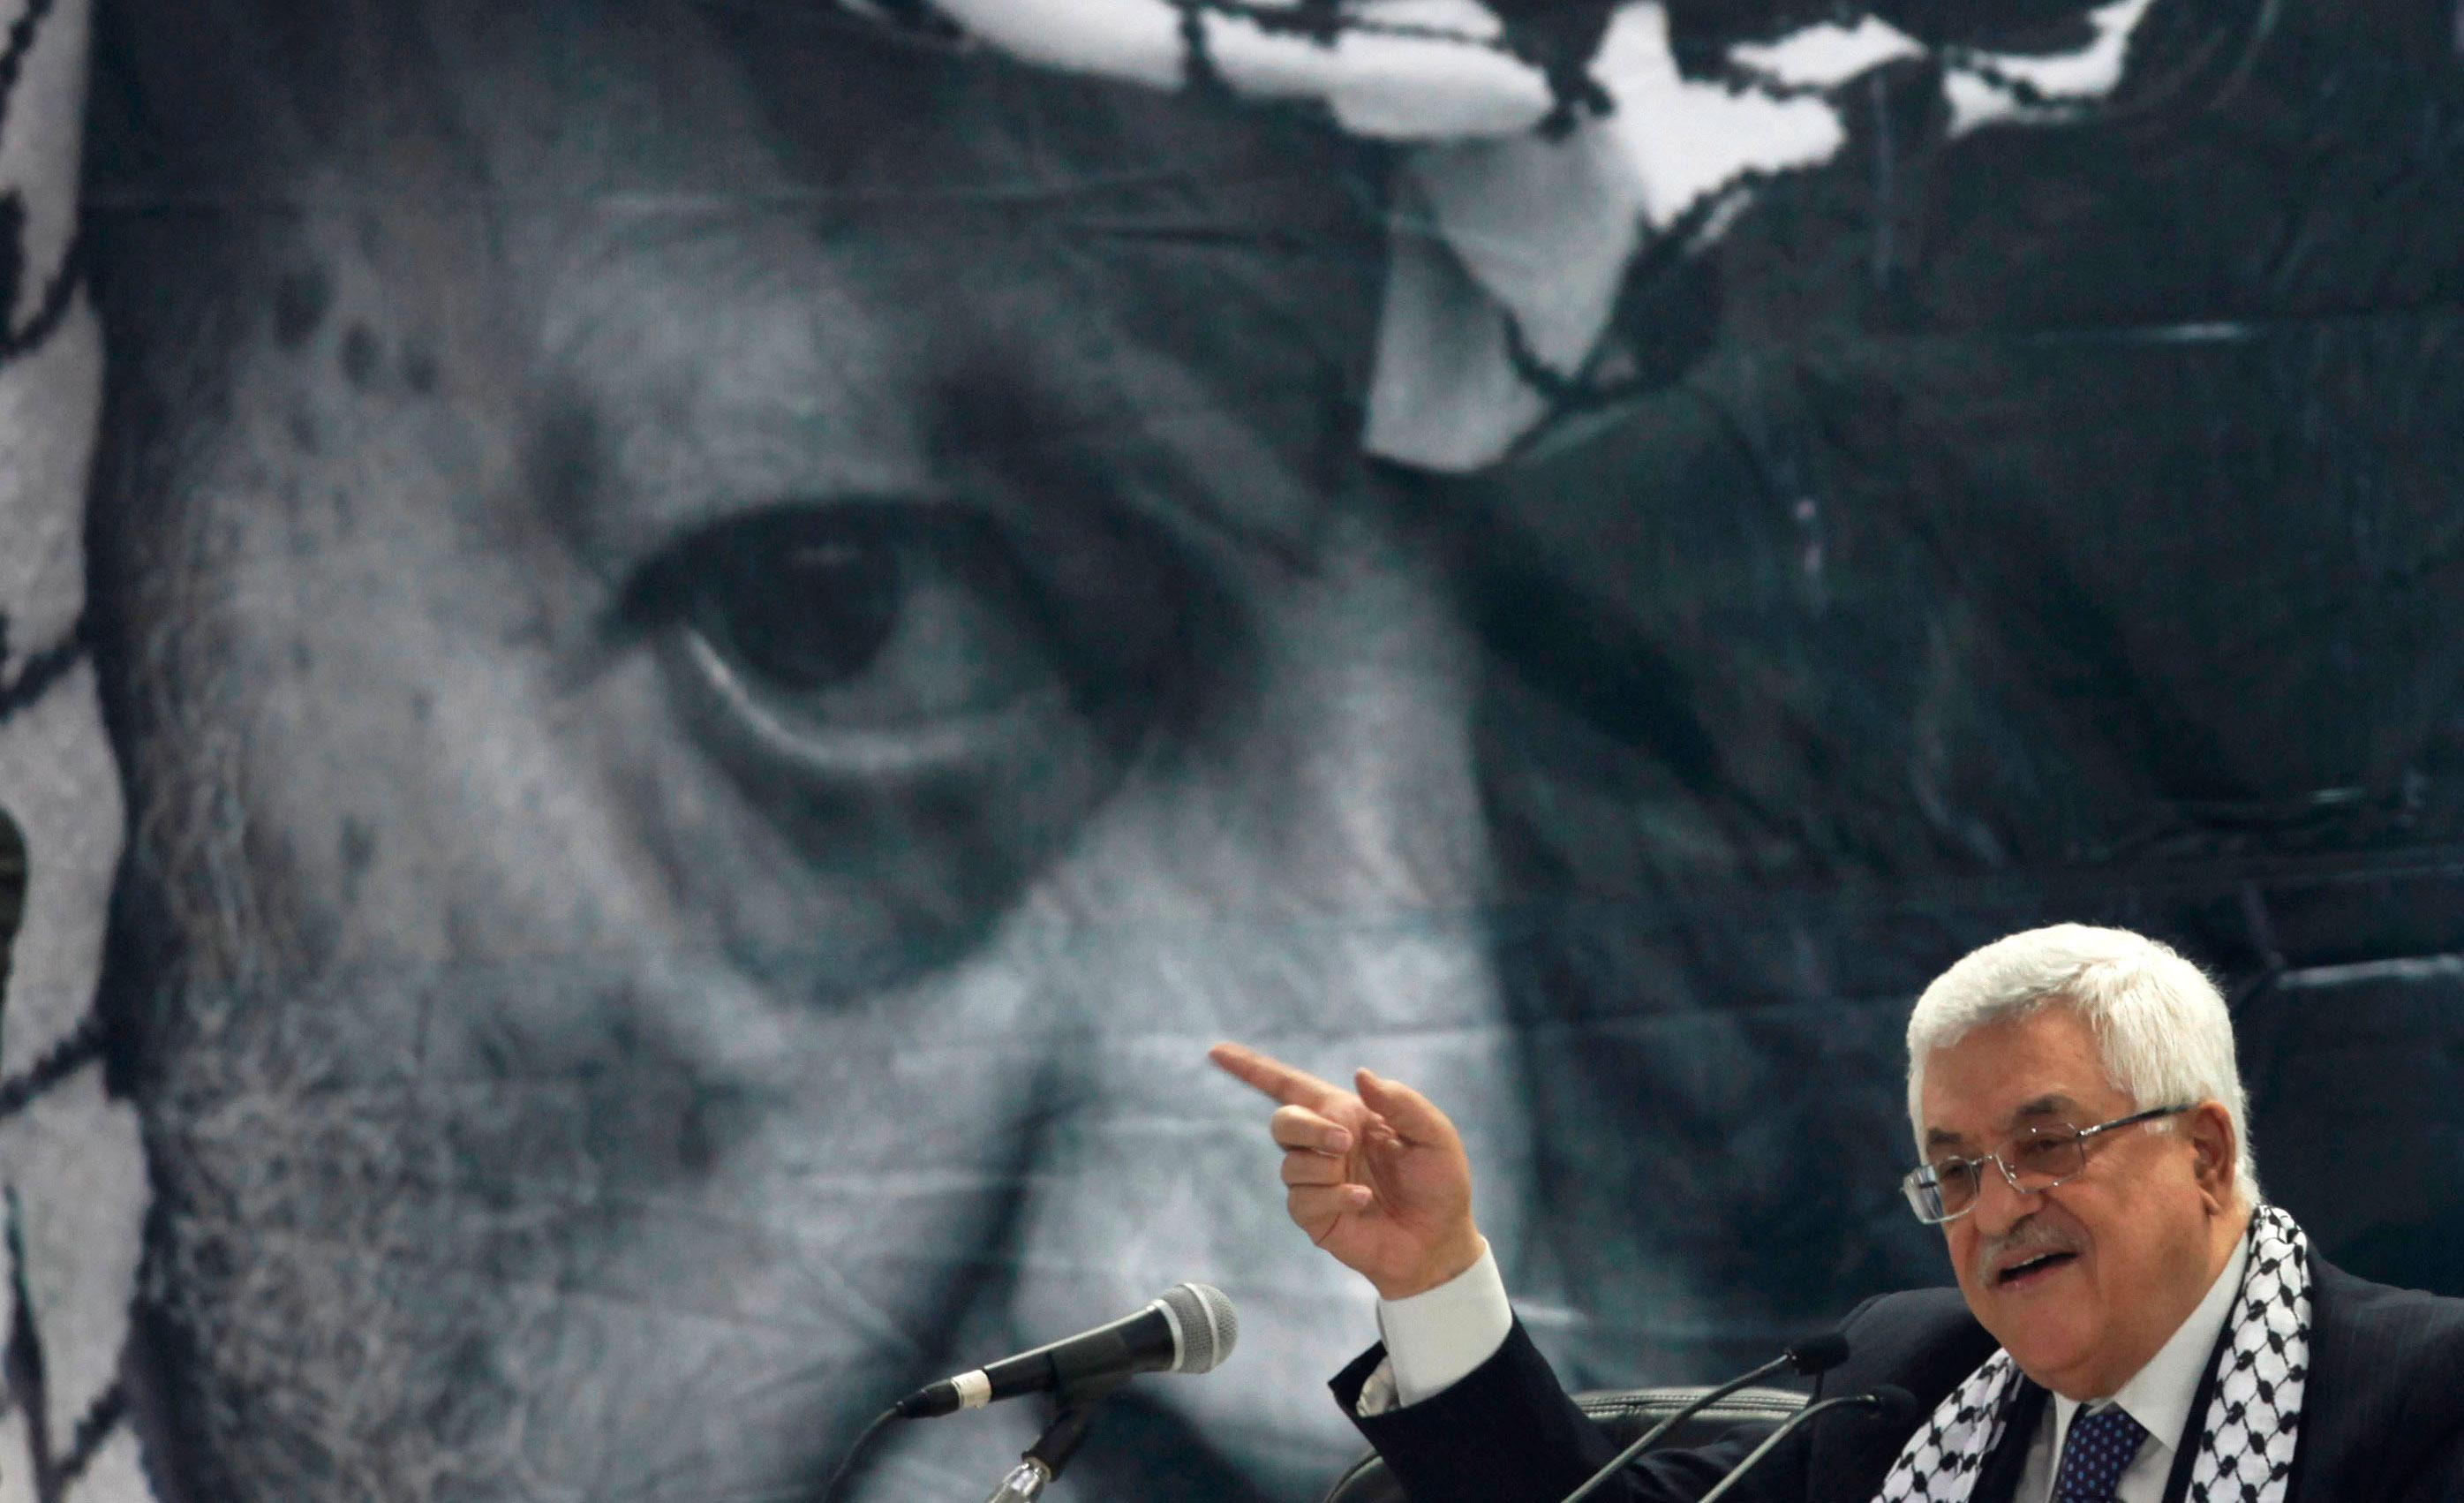 التعليم السياسي لمحمود عباس: كيف حاول الزعيم الفلسطيني الإفلات من شبح ياسر عرفات